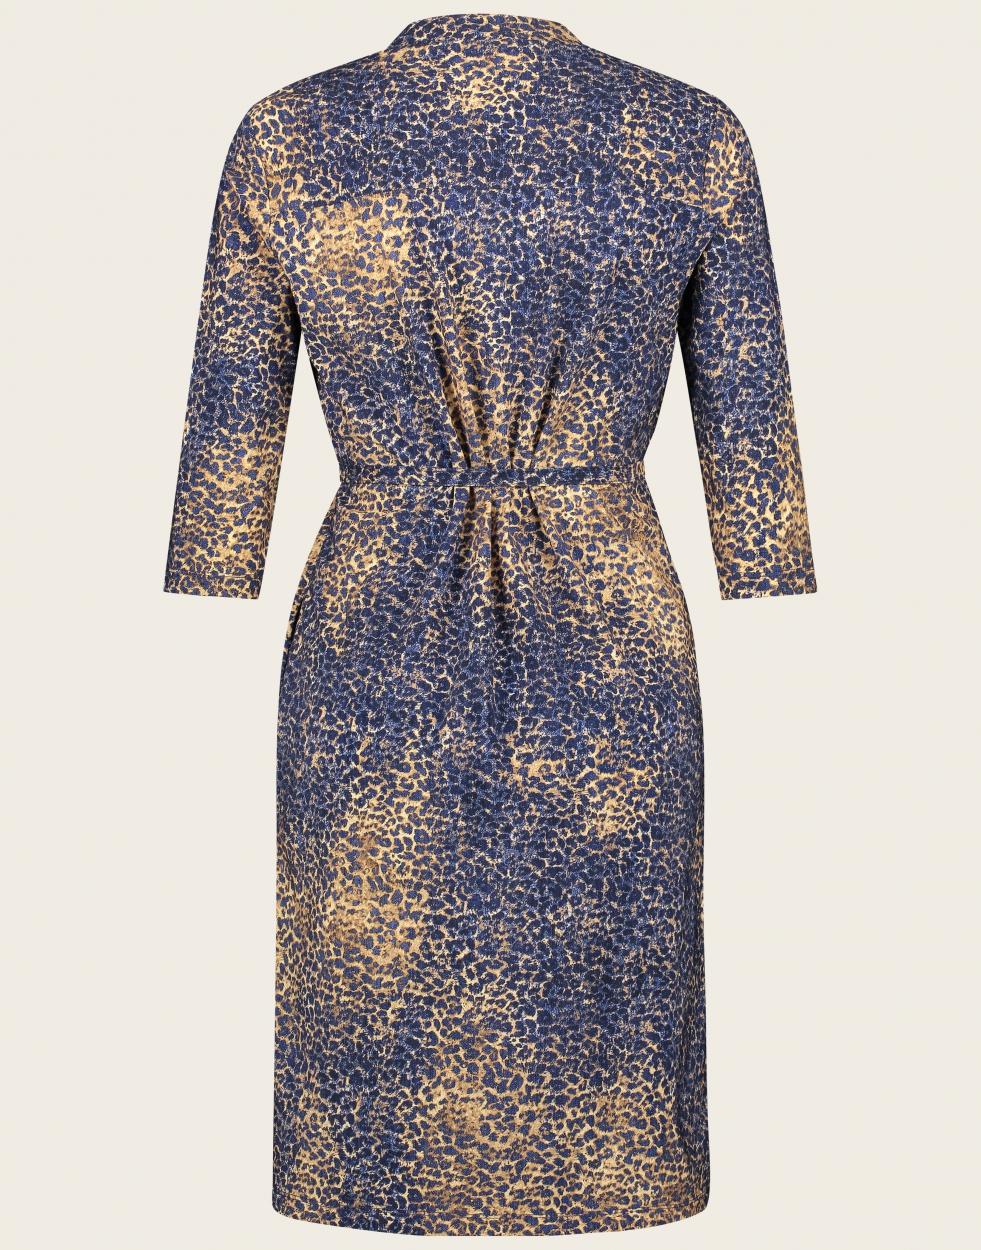 Jane Lushka Kleid mittellang mit Leopardenmuster blau